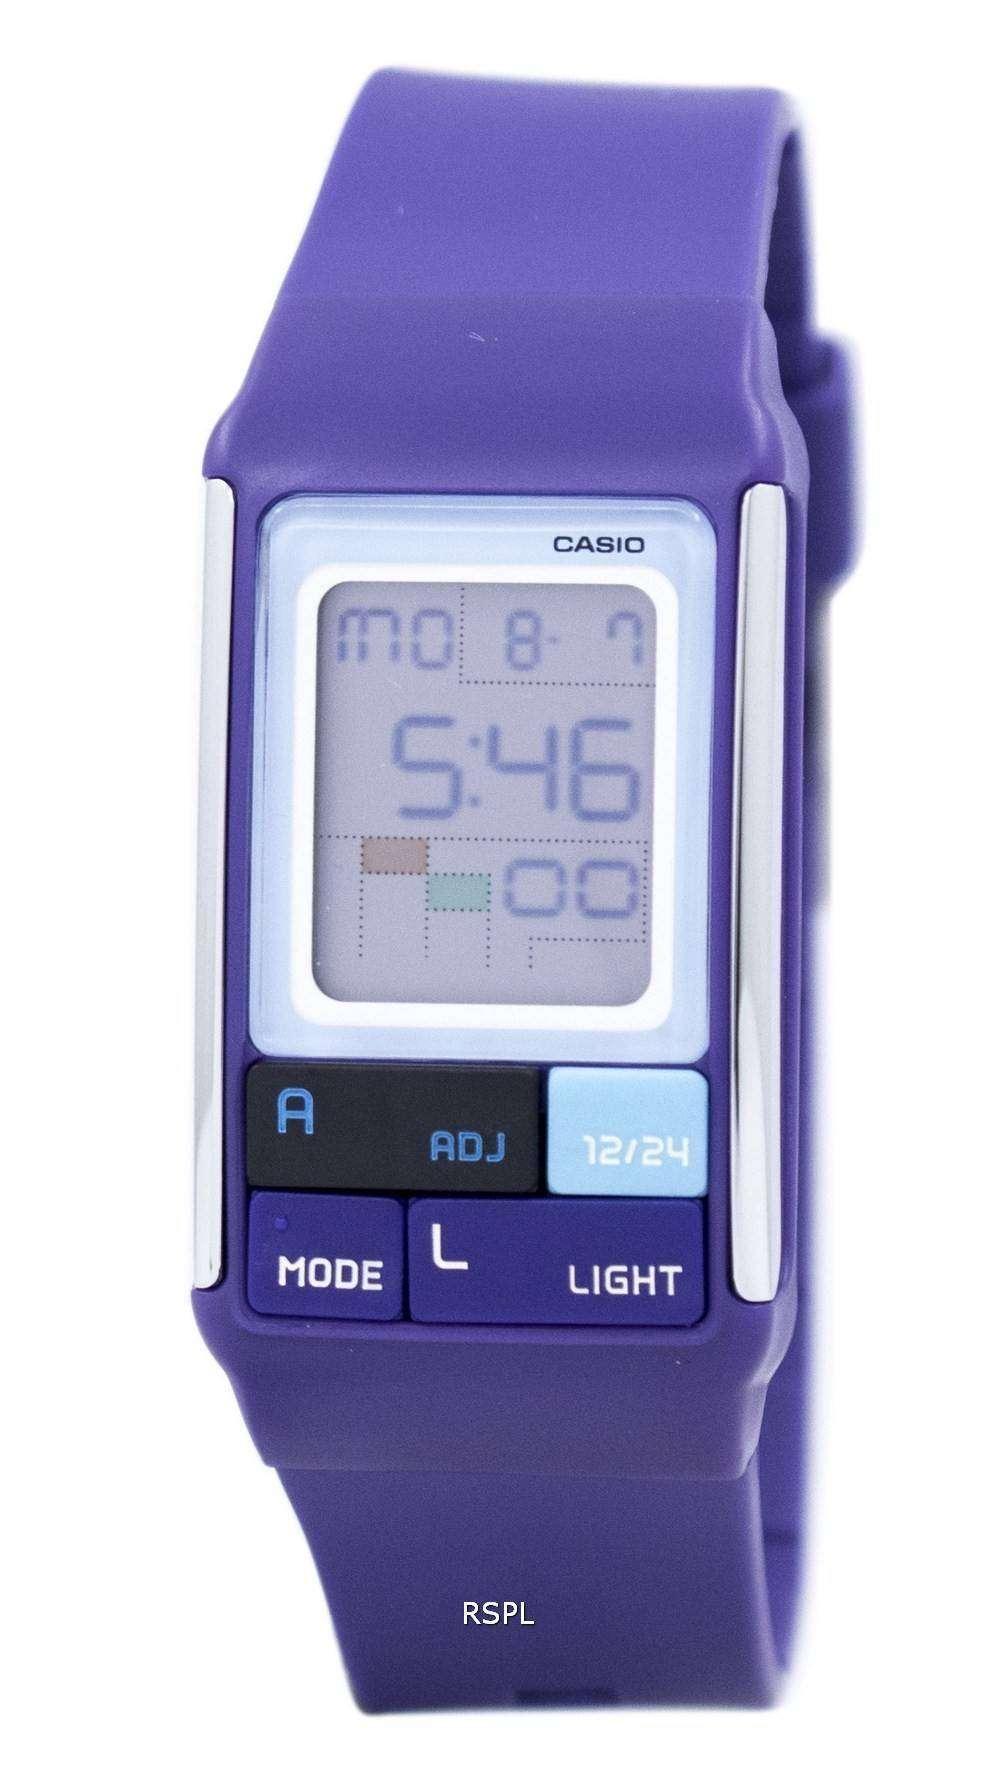 カシオ Poptone デュアル タイム アラーム デジタル LDF 52 6A LDF52 6A レディース腕時計